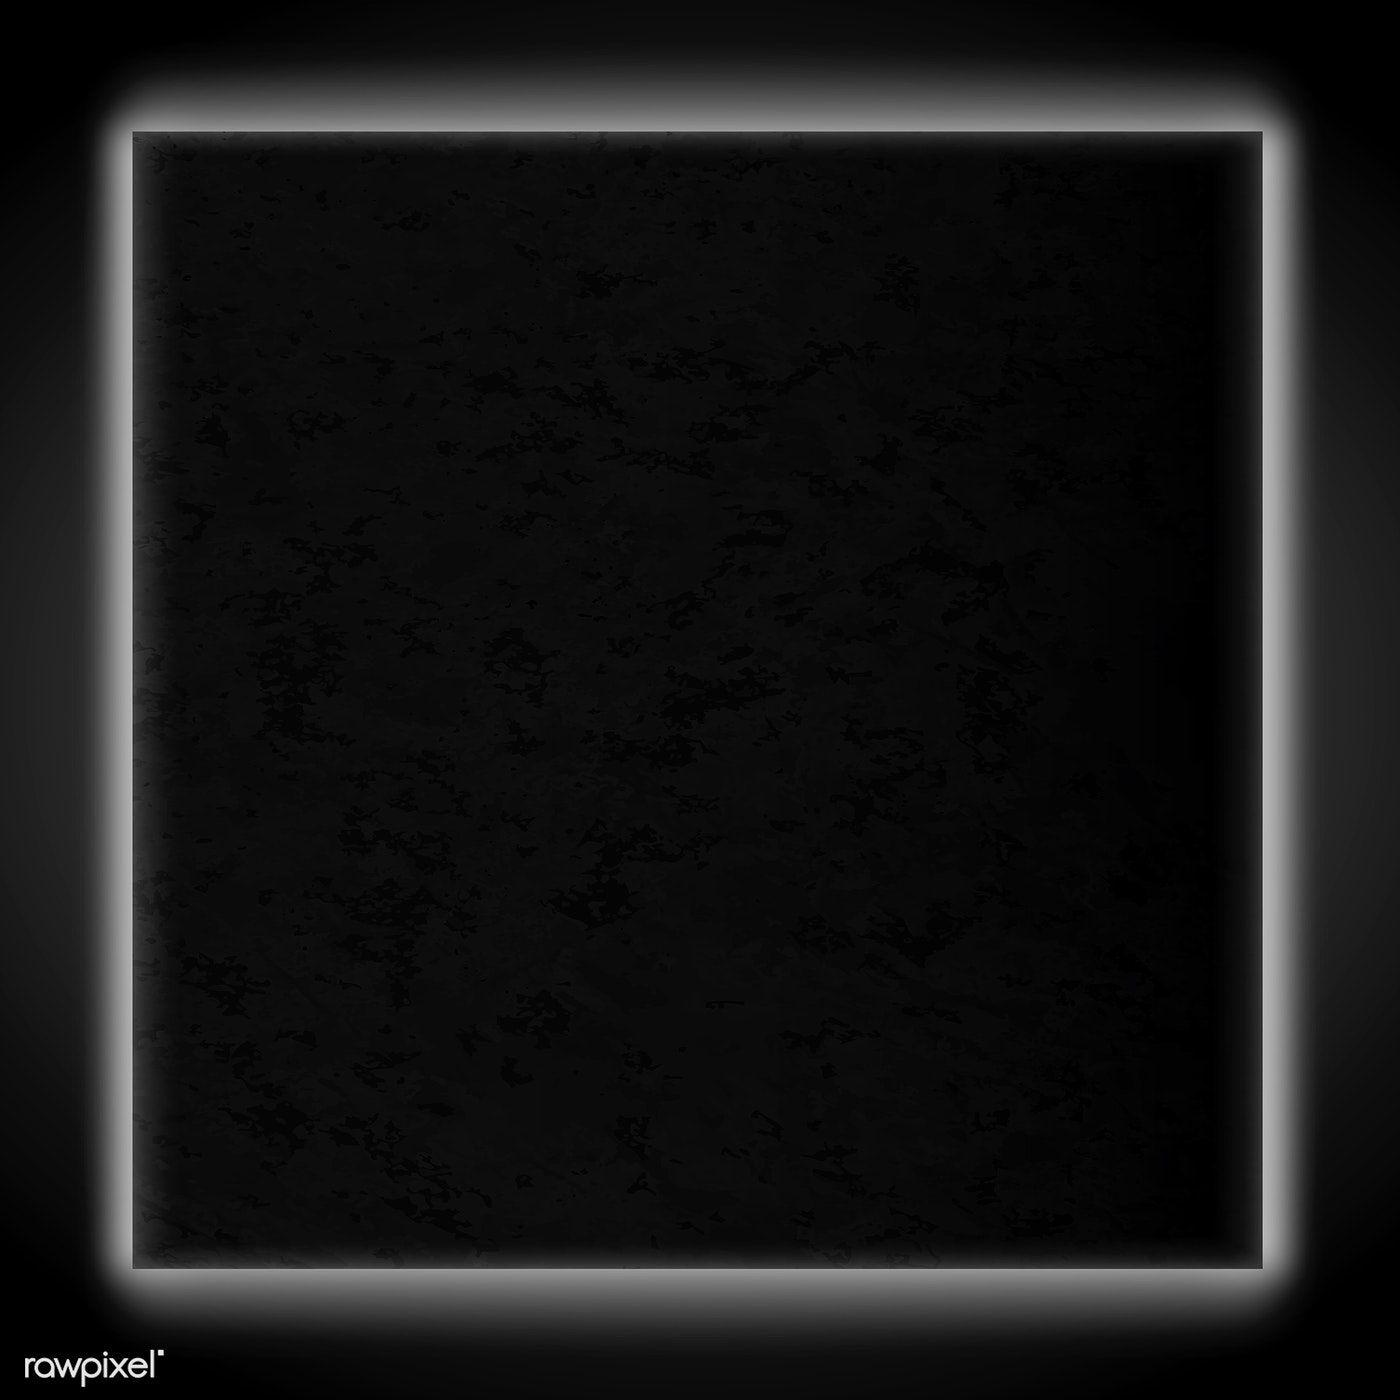 Download Premium Vector Of Square White Neon Light Frame Template Vector Frame Template Neon Lighting Black Background Wallpaper